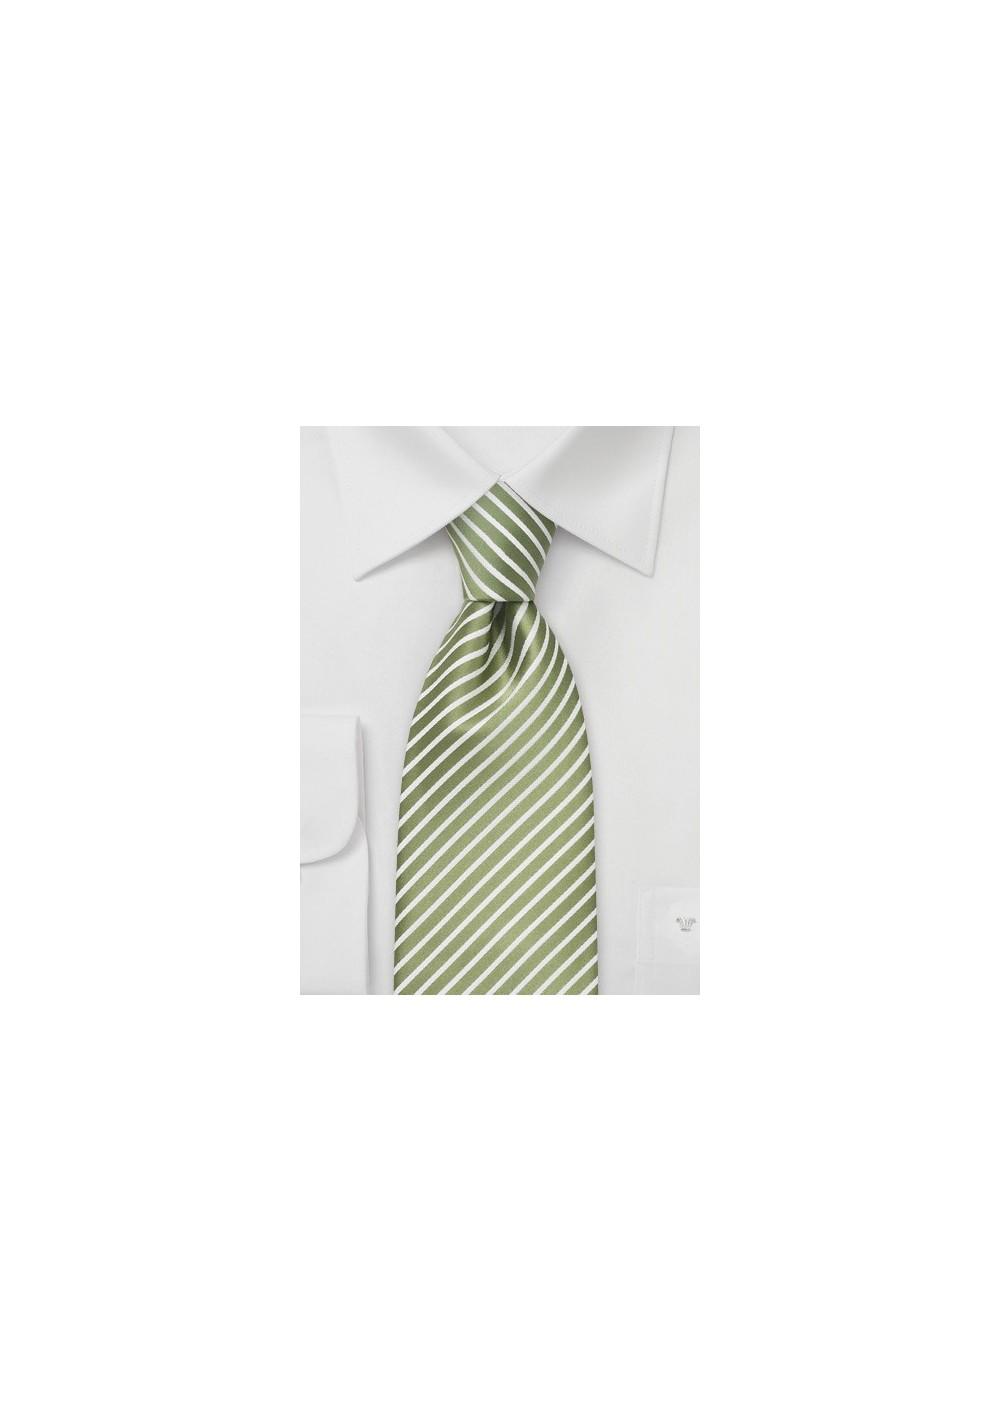 Spring Green Striped Necktie